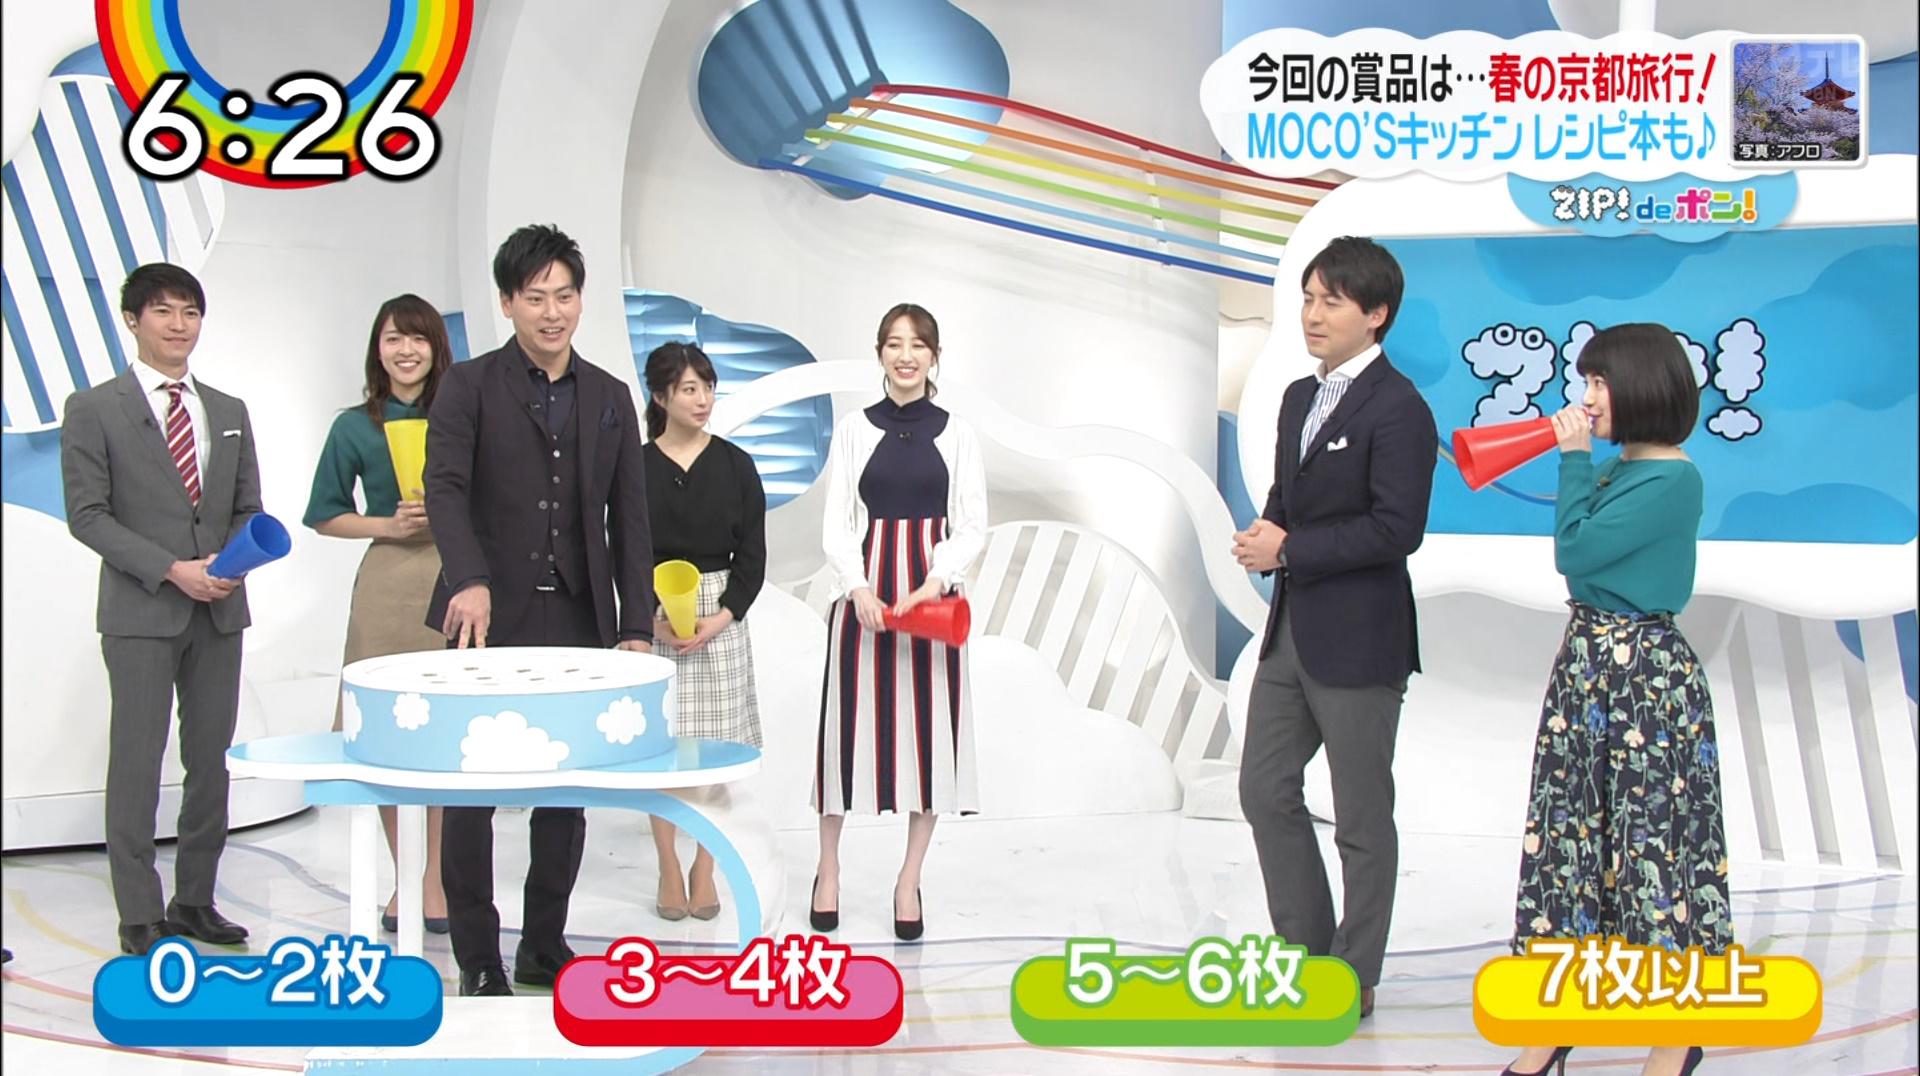 2019年3月19日「ZIP!」團遥香さんのテレビキャプチャー画像-008